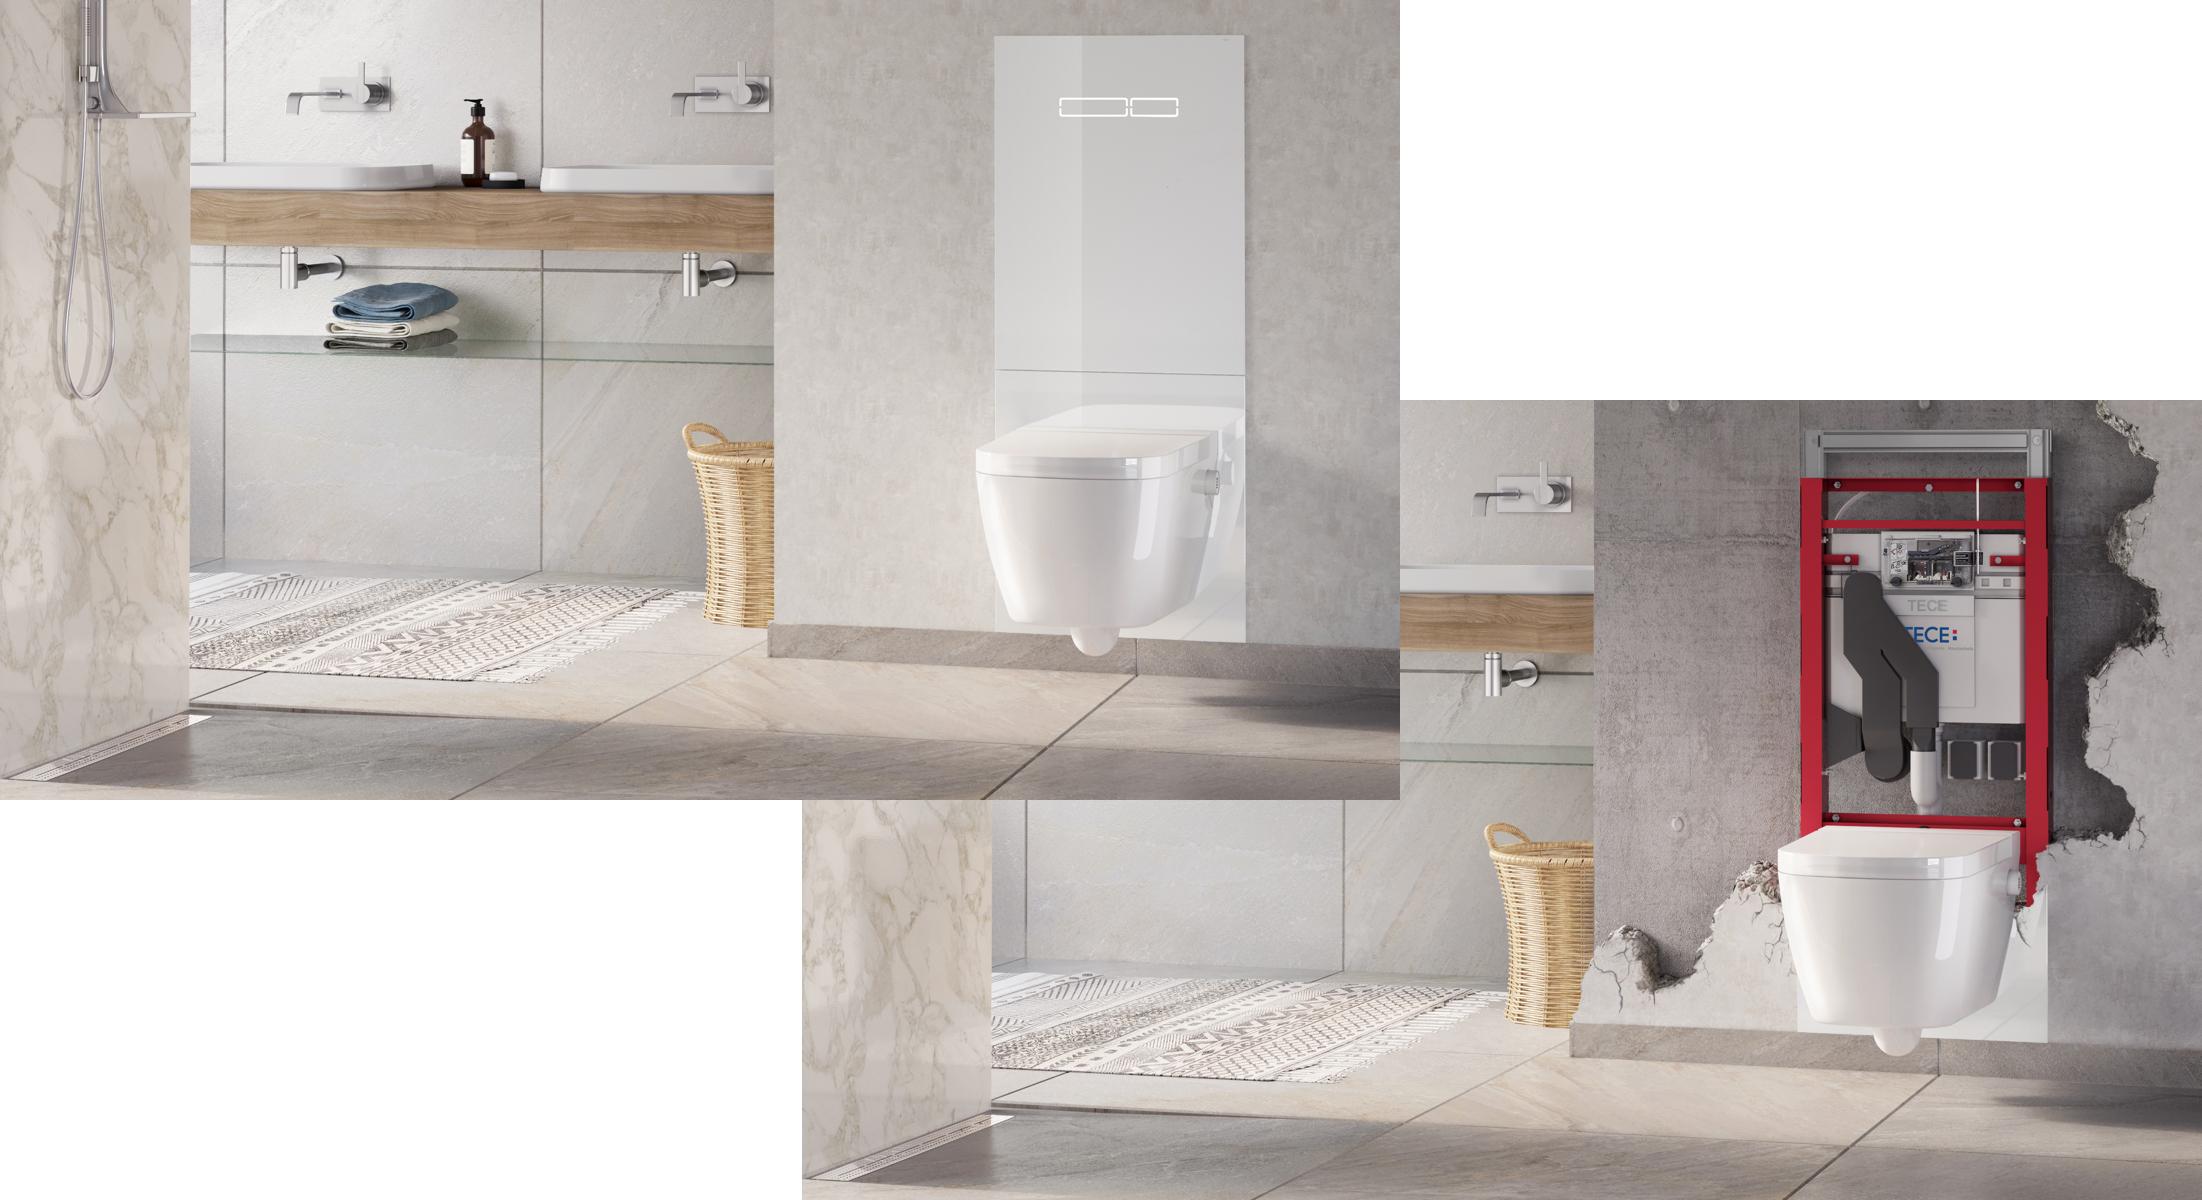 Um Zu Demonstrieren, Wie Ein Toilettensystem Hinter Einer Wand Angebracht  Wird, Haben Wir Ein 3D Modell Eines Badezimmer Aufgebaut, Und Ein  Virtuelles ...